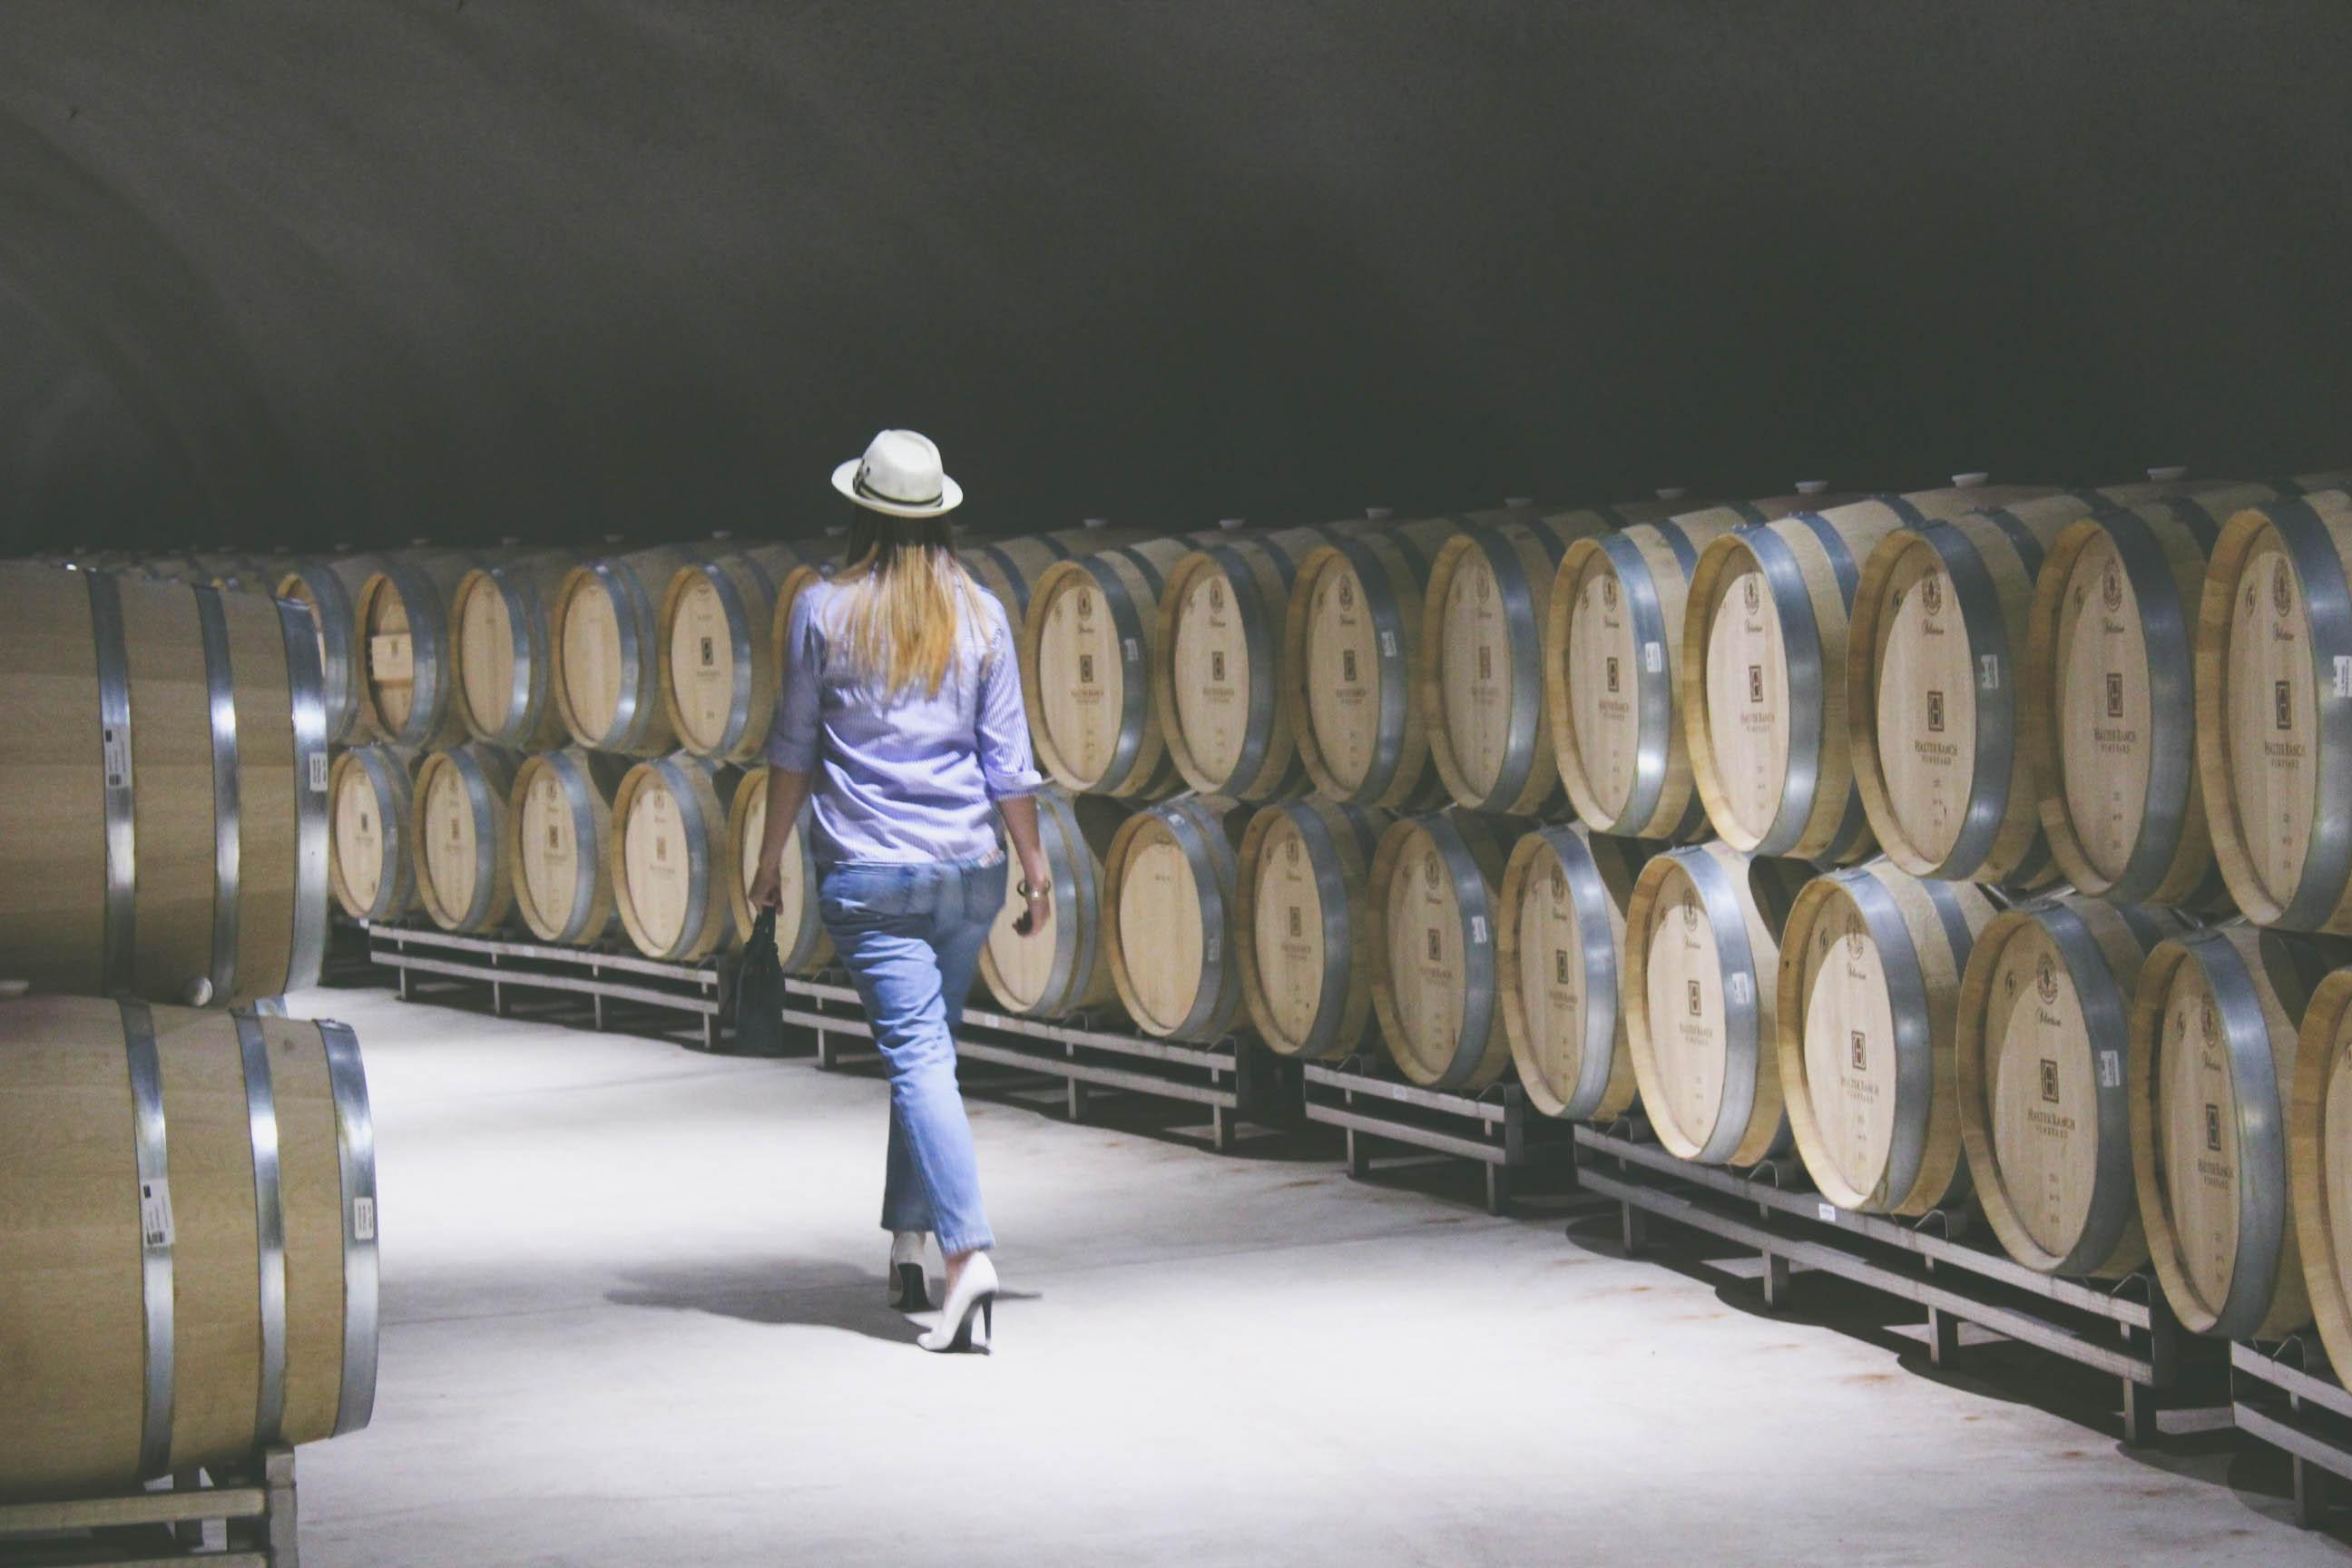 @stile.foto.cibo's cover photo for 'Paso Robles | Wine Country for Millennial | Stile.Foto.Cibo'